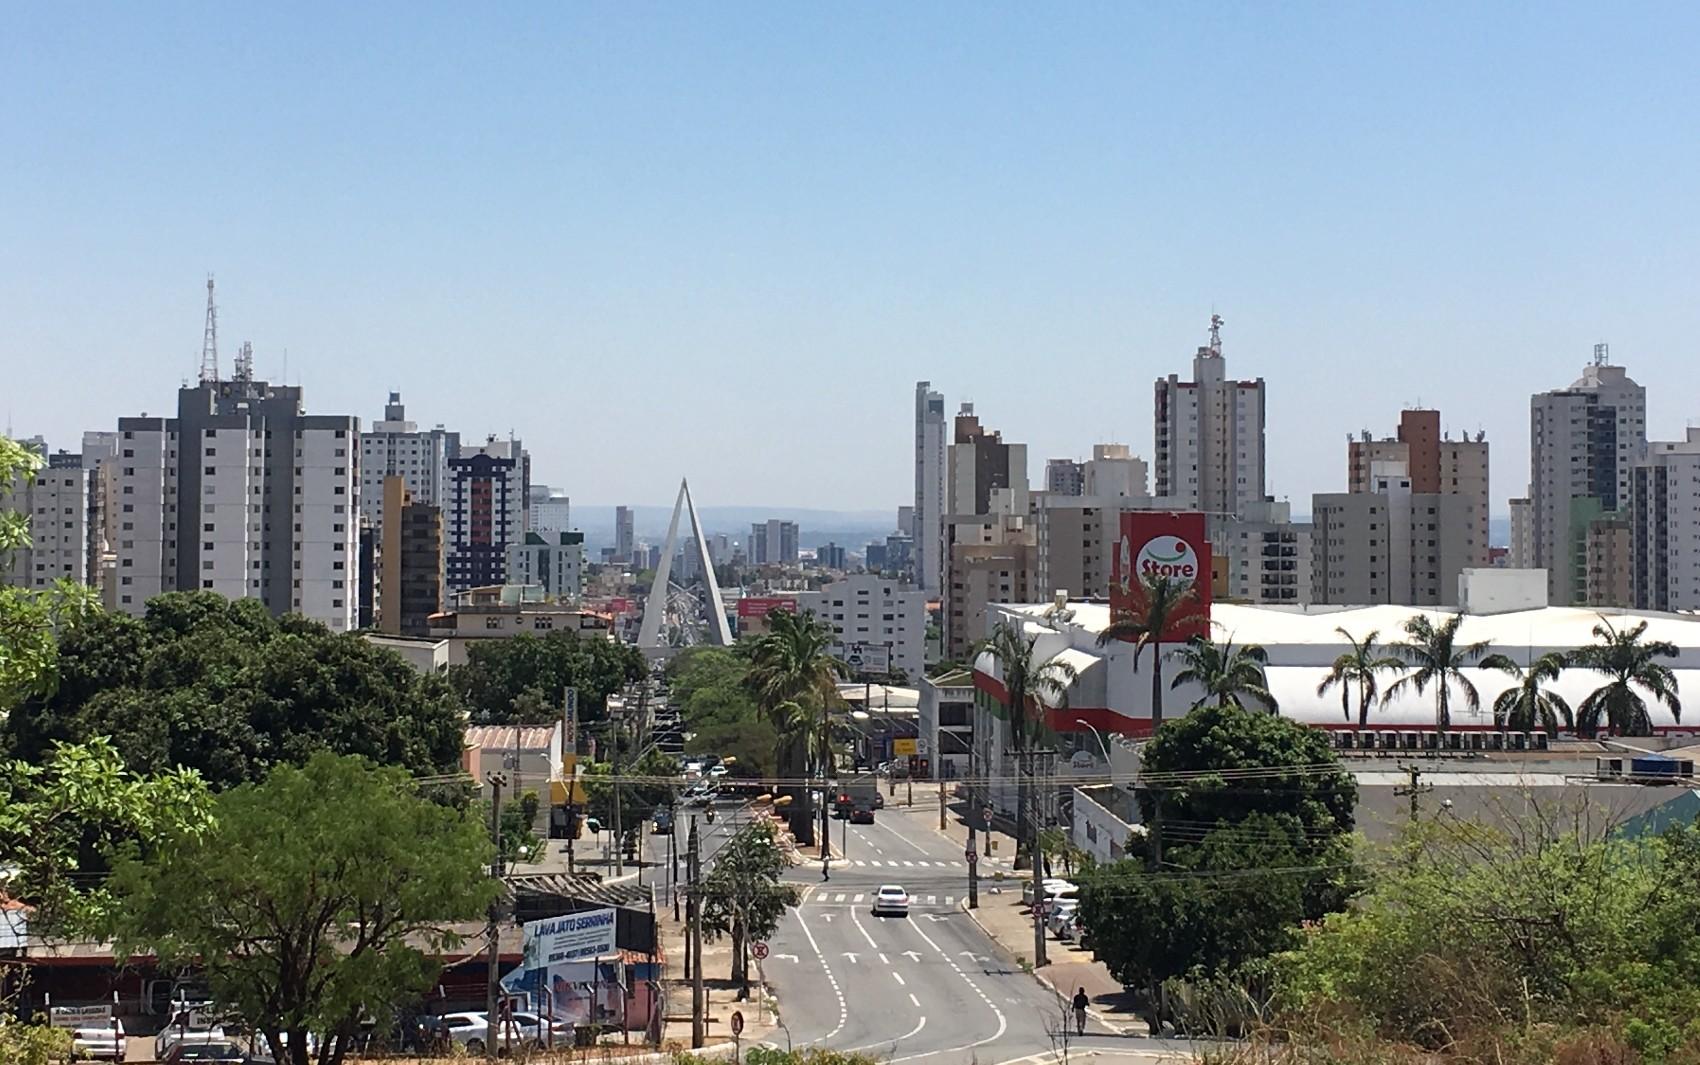 Pesquisa aponta que Goiânia tem o 2º m² mais barato entre 20 cidades brasileiras